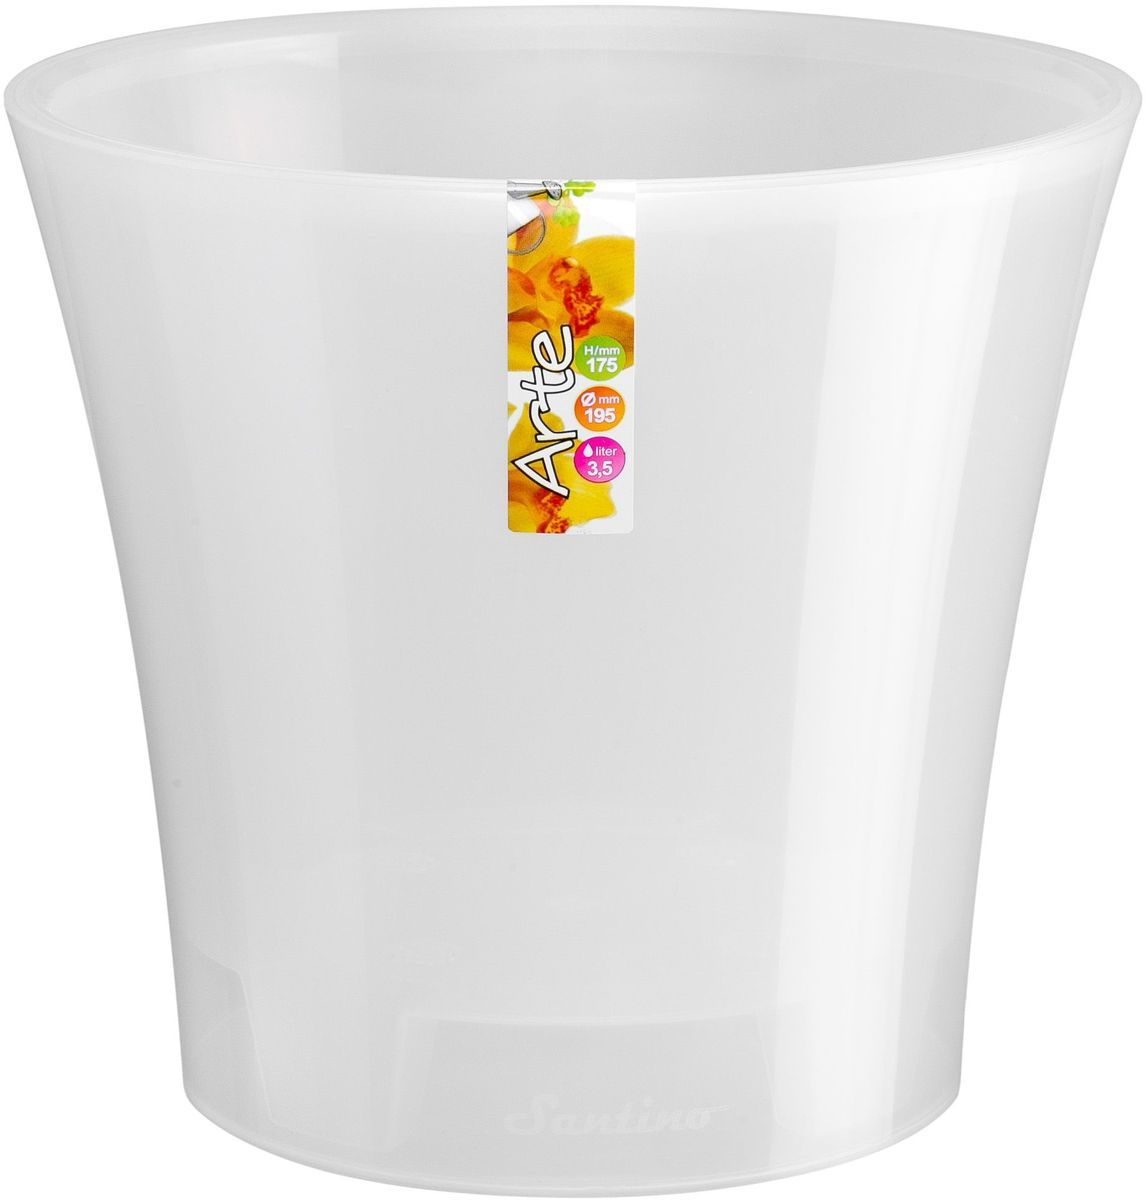 Горшок цветочный Santino Арте, двойной, с системой автополива, цвет: прозрачный, 3,5 лАРТ 3,5 П-ПГоршок цветочный Santino Арте снабжен дренажной системой и состоит из кашпо и вазона-вкладыша. Изготовлен из пластика. Особенность: тарелочка или блюдце не нужны. Горшок предназначен для любых растений или цветов. Цветочный дренаж – это система, которая позволяет выводить лишнюю влагу через корневую систему цветка и слой почвы. Растение – это живой организм, следовательно, ему необходимо дышать. В доступе к кислороду нуждаются все части растения: -листья; -корневая система. Если цветовод по какой-либо причине зальет цветок водой, то она буквально вытеснит из почвенного слоя все пузырьки кислорода. Анаэробная среда способствует развитию различного рода бактерий. Безвоздушная среда приводит к загниванию корневой системы, цветок в результате увядает. Суть работы дренажной системы заключается в том, чтобы осуществлять отвод лишней влаги от растения и давать возможность корневой системе дышать без проблем. Следовательно, каждому цветку необходимо: -иметь в основании цветочного горшочка хотя бы одно небольшое дренажное отверстие. Оно необходимо для того, чтобы через него выходила лишняя вода, плюс ко всему это отверстие дает возможность циркулировать воздух. -на самом дне горшка необходимо выложить слоем в 2-5 см (зависит от вида растения) дренаж.УВАЖАЕМЫЕ КЛИЕНТЫ!Обращаем ваше внимание на тот факт, что фото изделия служит для визуального восприятия товара. Литраж и размеры, представленные на этикетке товара, могут по факту отличаться от реальных. Корректные данные в поле Размеры.